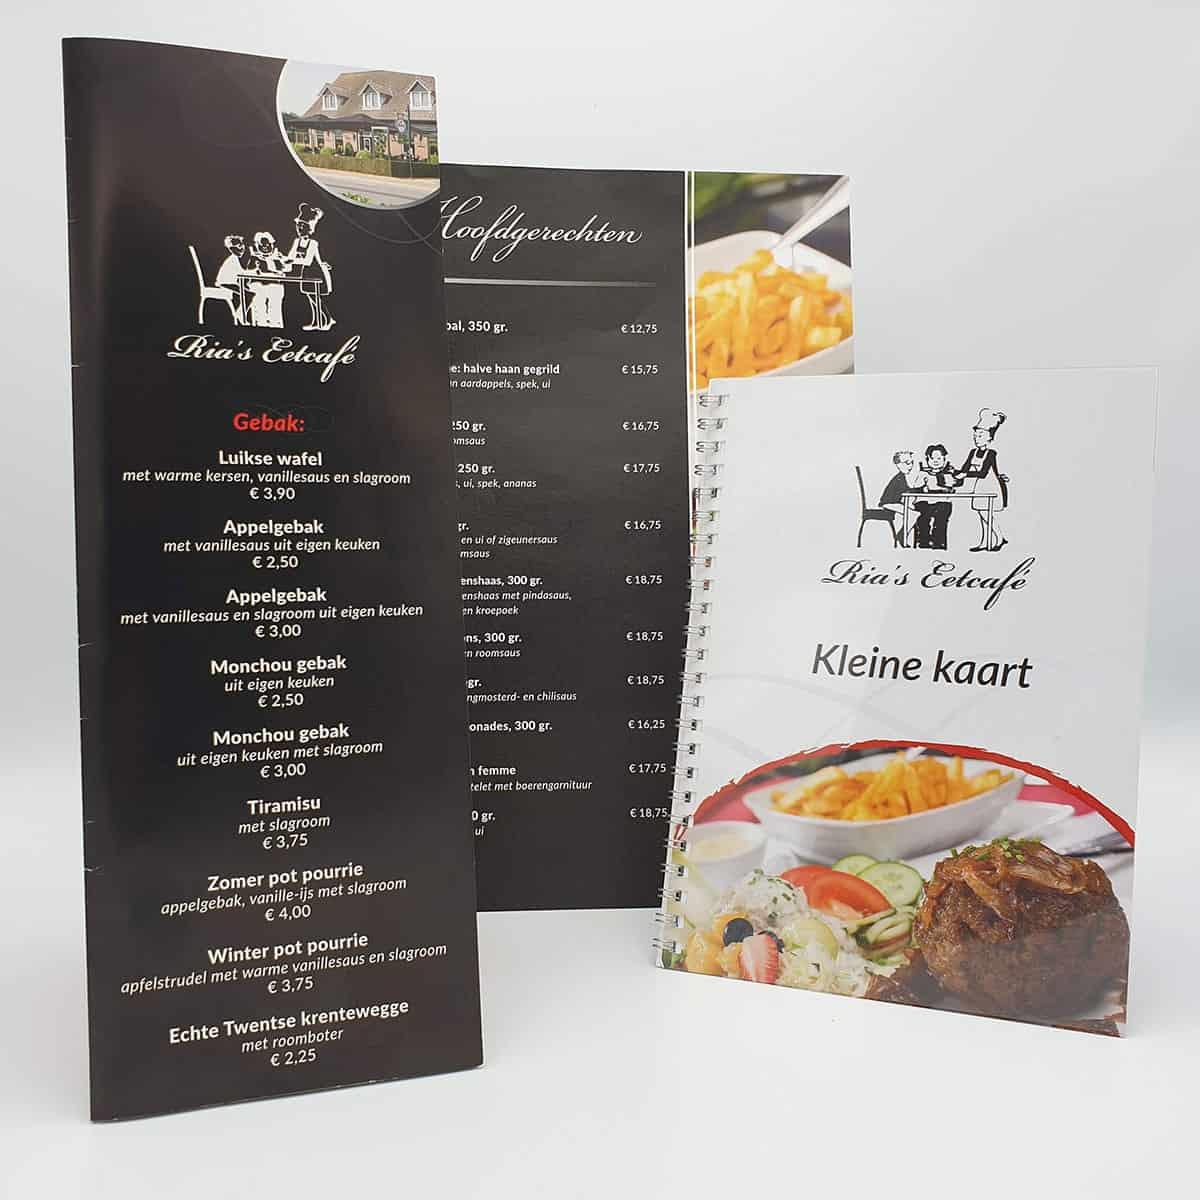 Ria's-Eetcafe-huisstijl-menukaart-burobedenkt